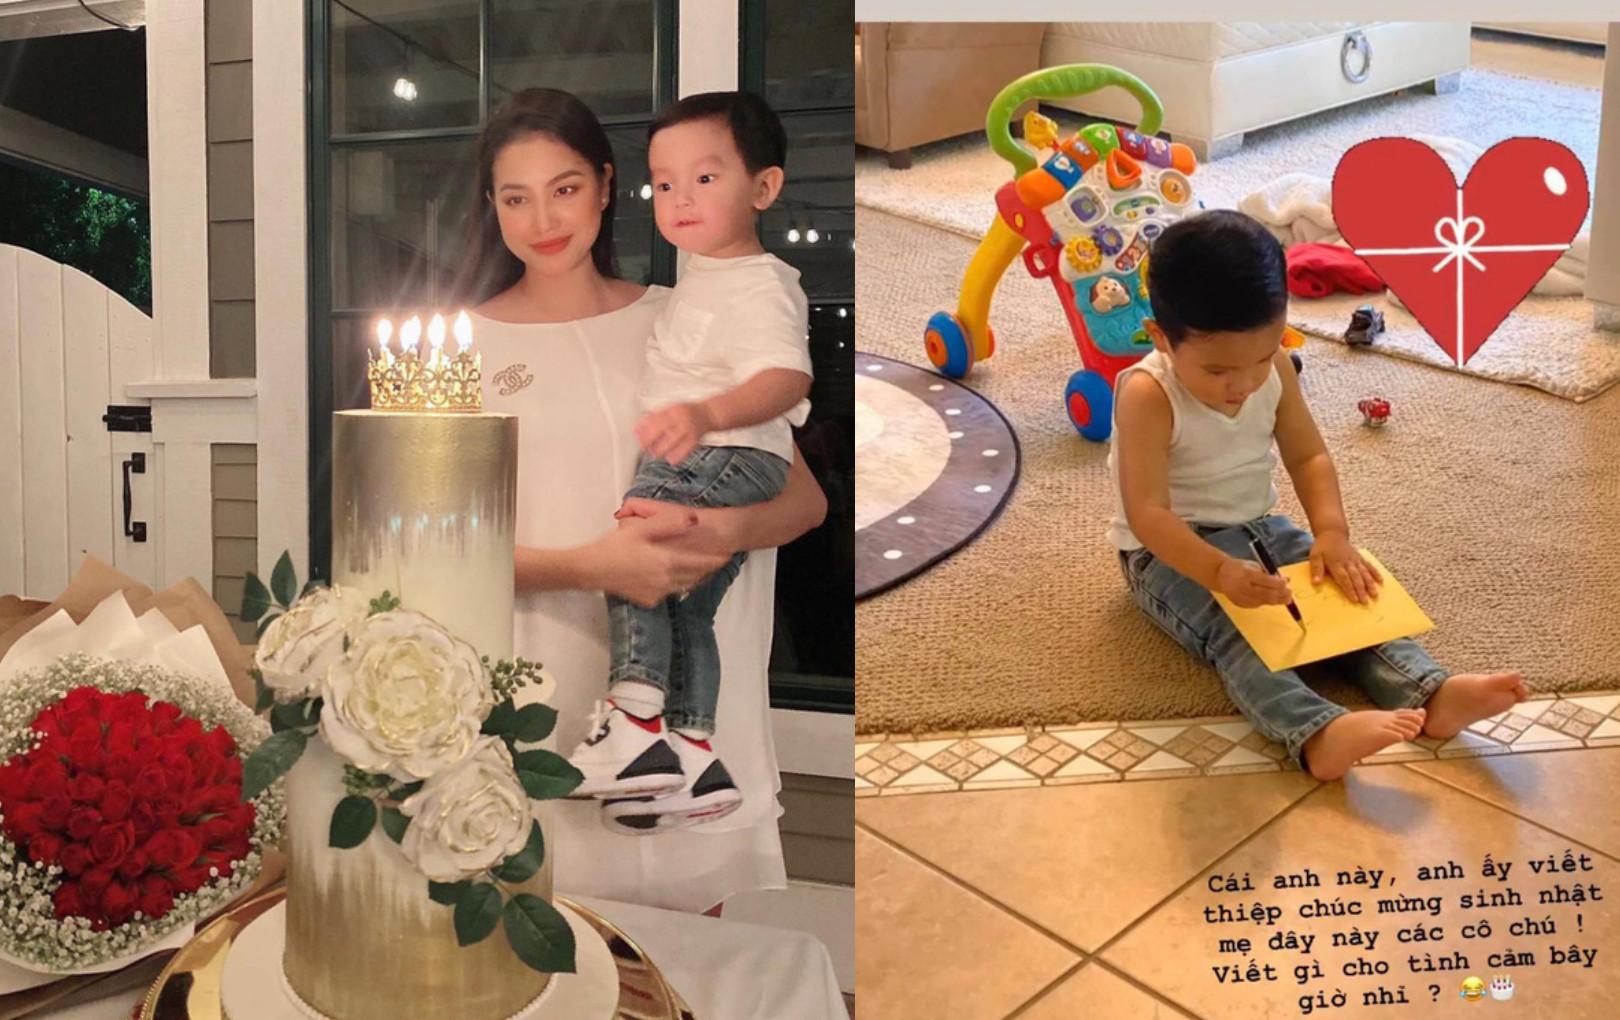 Phạm Hương khoe con trai hơn 1 tuổi đã biết viết thiệp tặng mẹ, nhìn thành quả mới... ngã ngửa